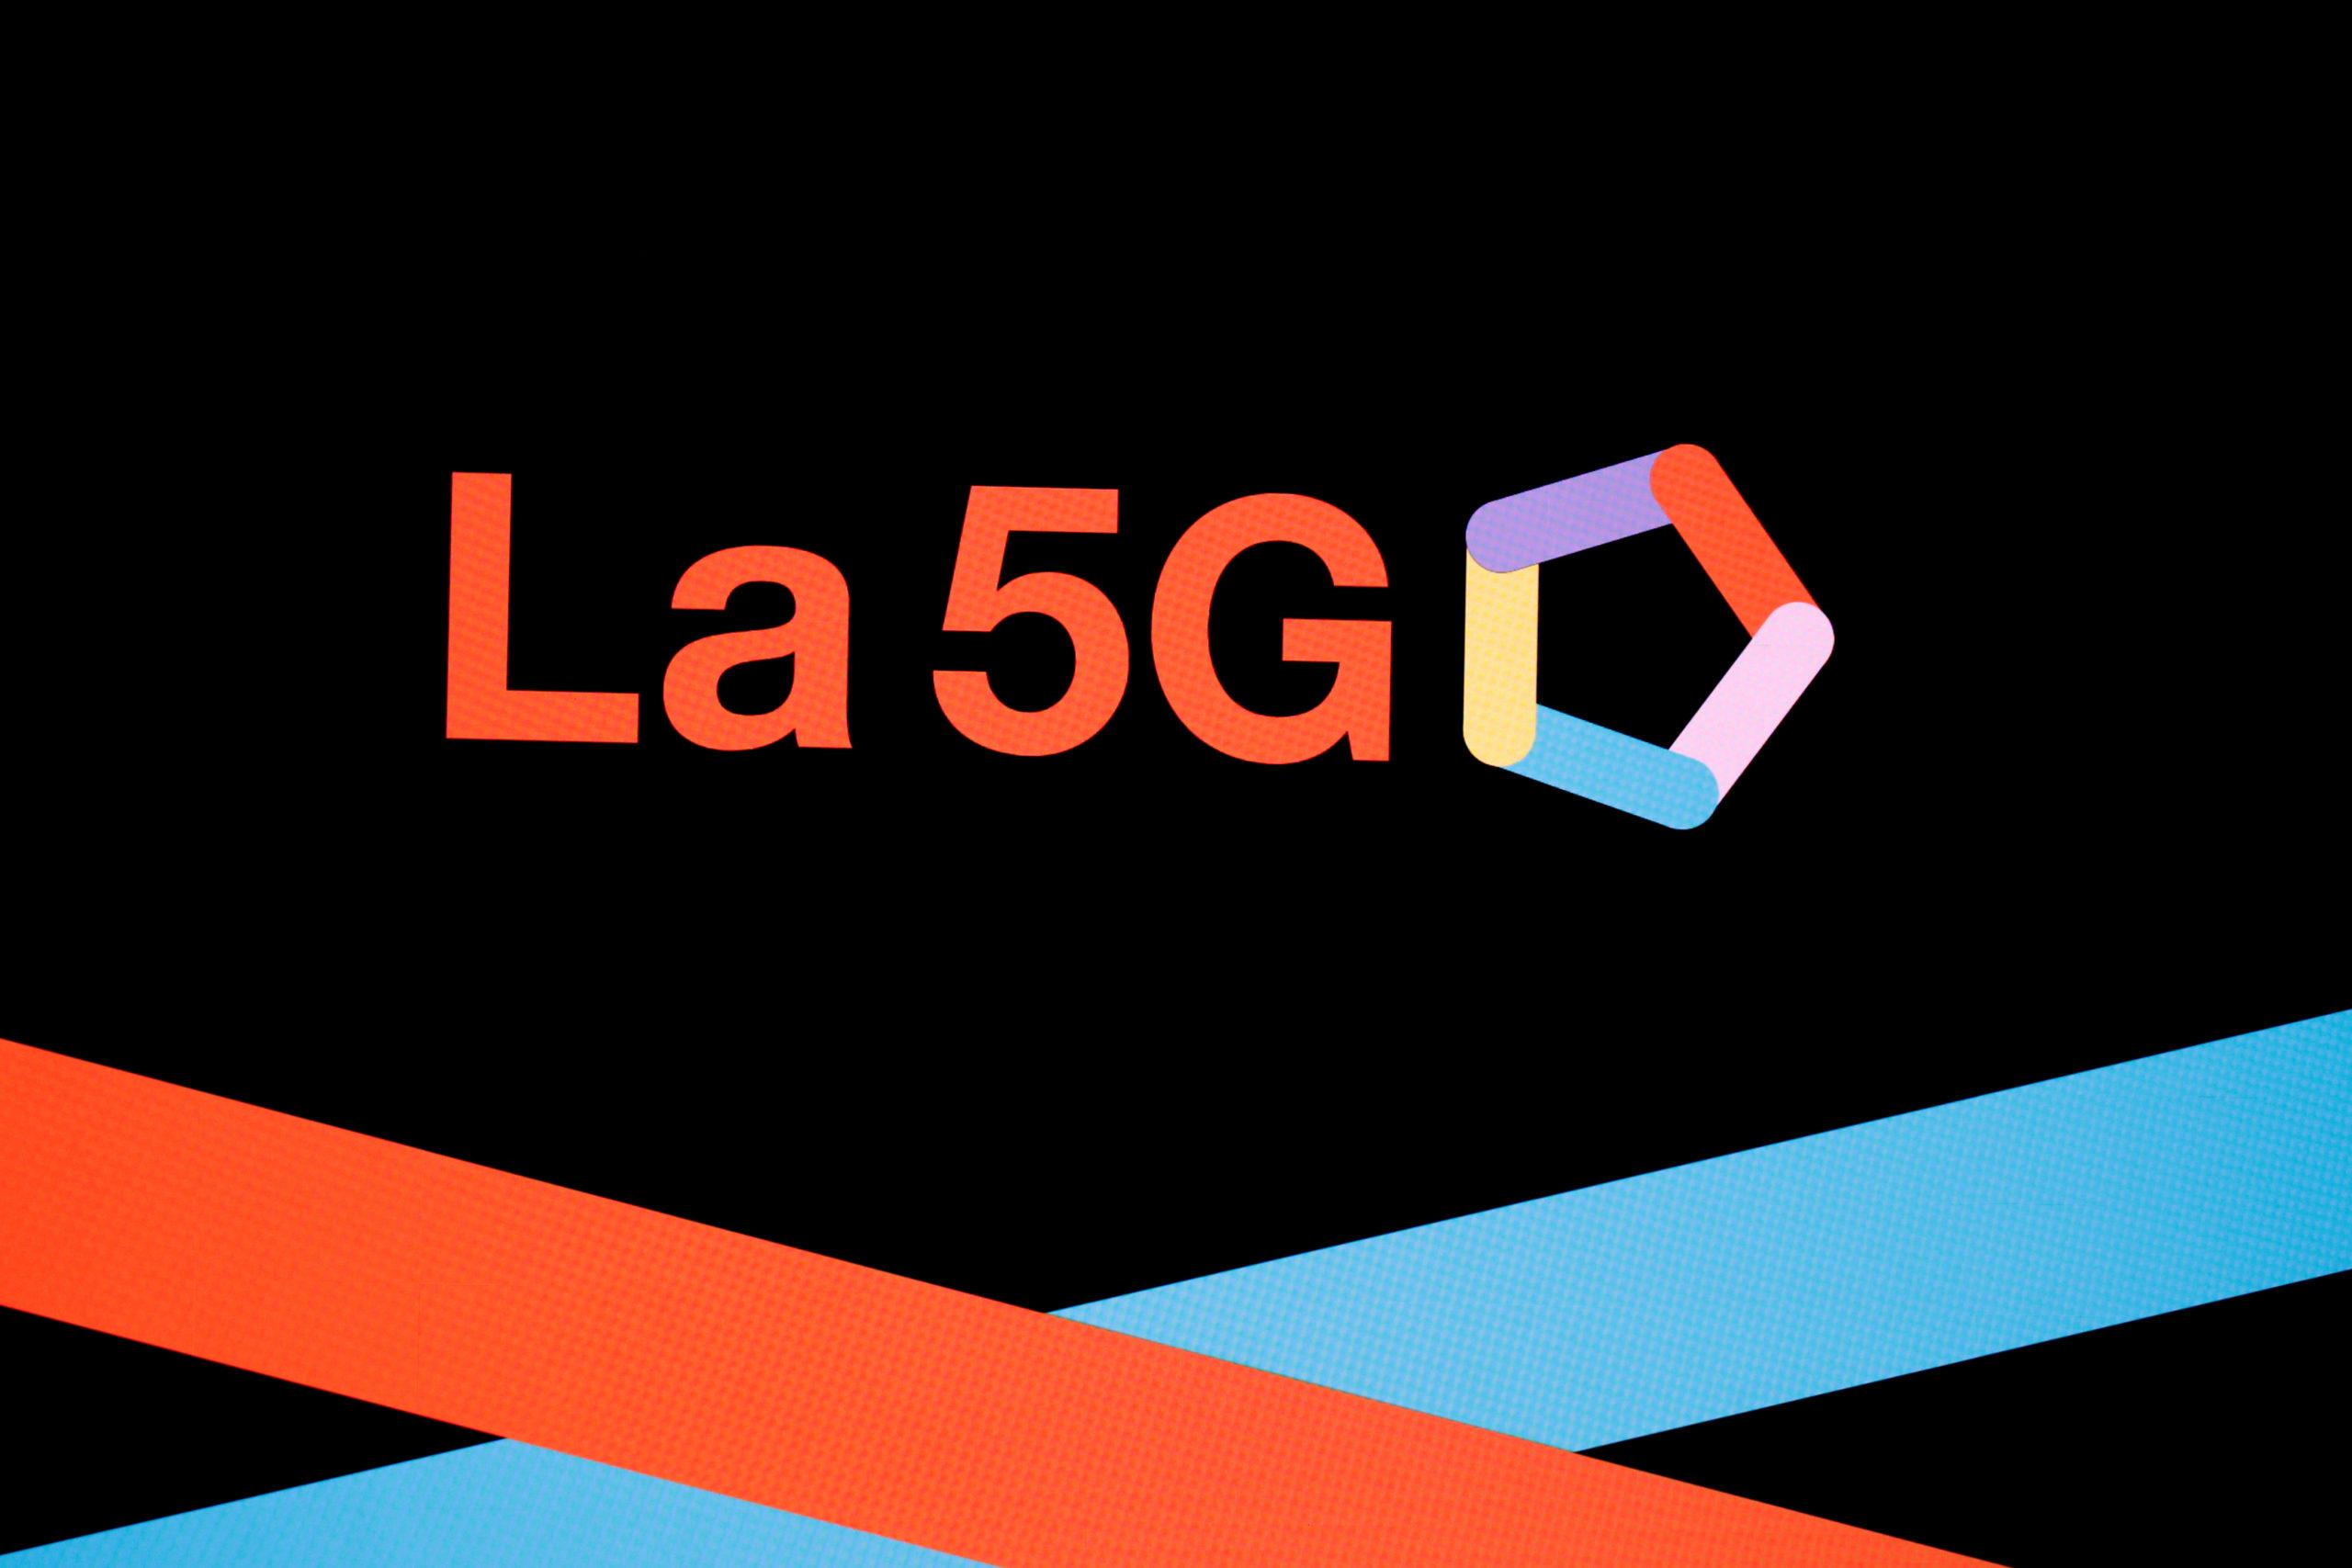 En France, les enchères sur la 5G sont repoussées vers mars 2020